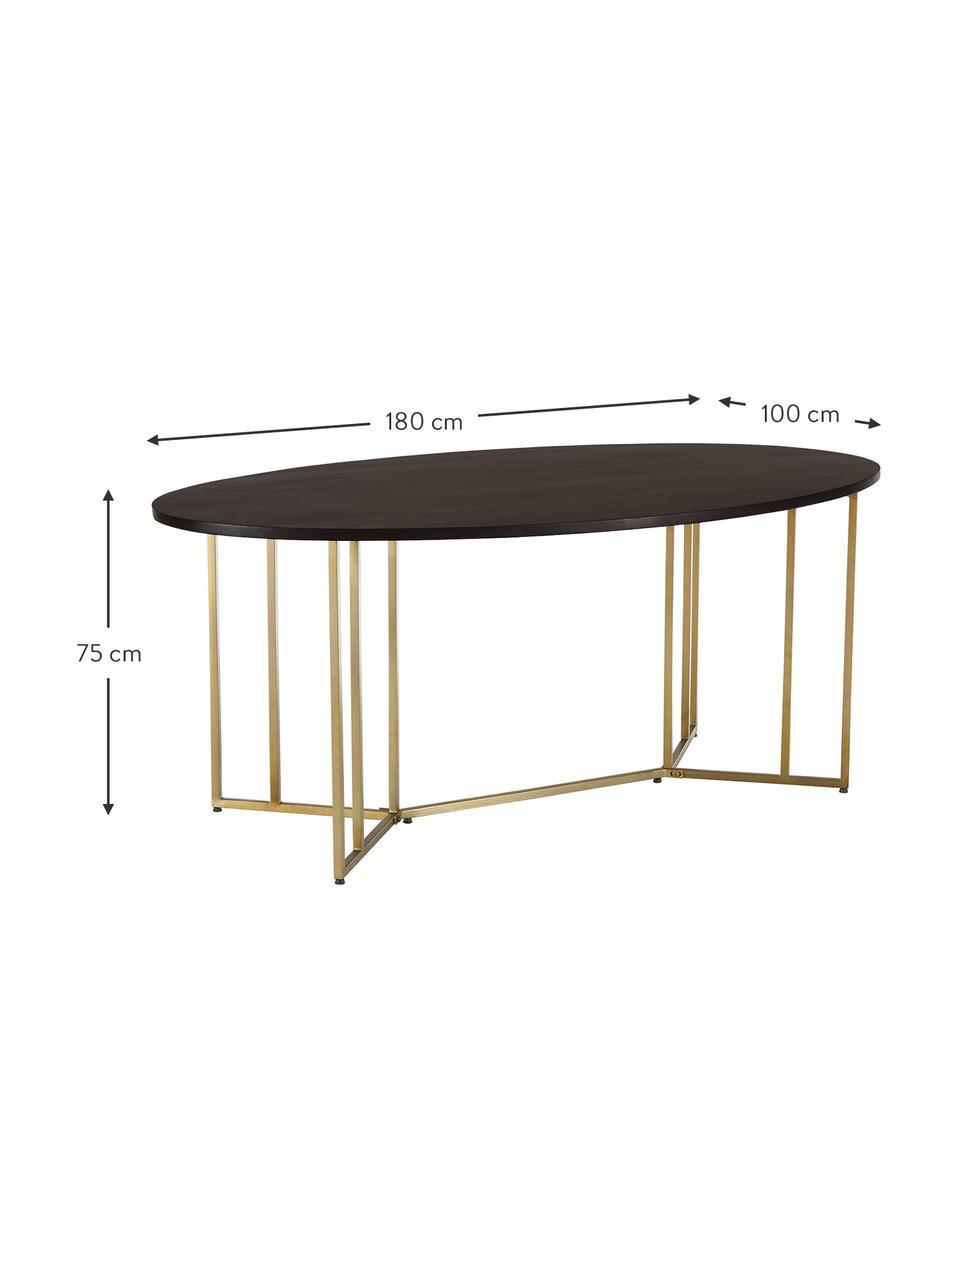 Owalny stół do jadalni z blatem z drewna mangowego Luca, Blat: lite drewno mangowe, szcz, Stelaż: metal malowany proszkowo, Brązowy, odcienie złotego, S 180 x G 100 cm